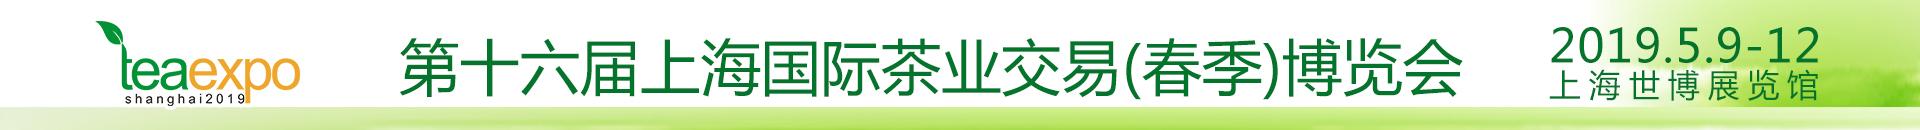 第十六届上海国际茶叶交易(春季)博览会